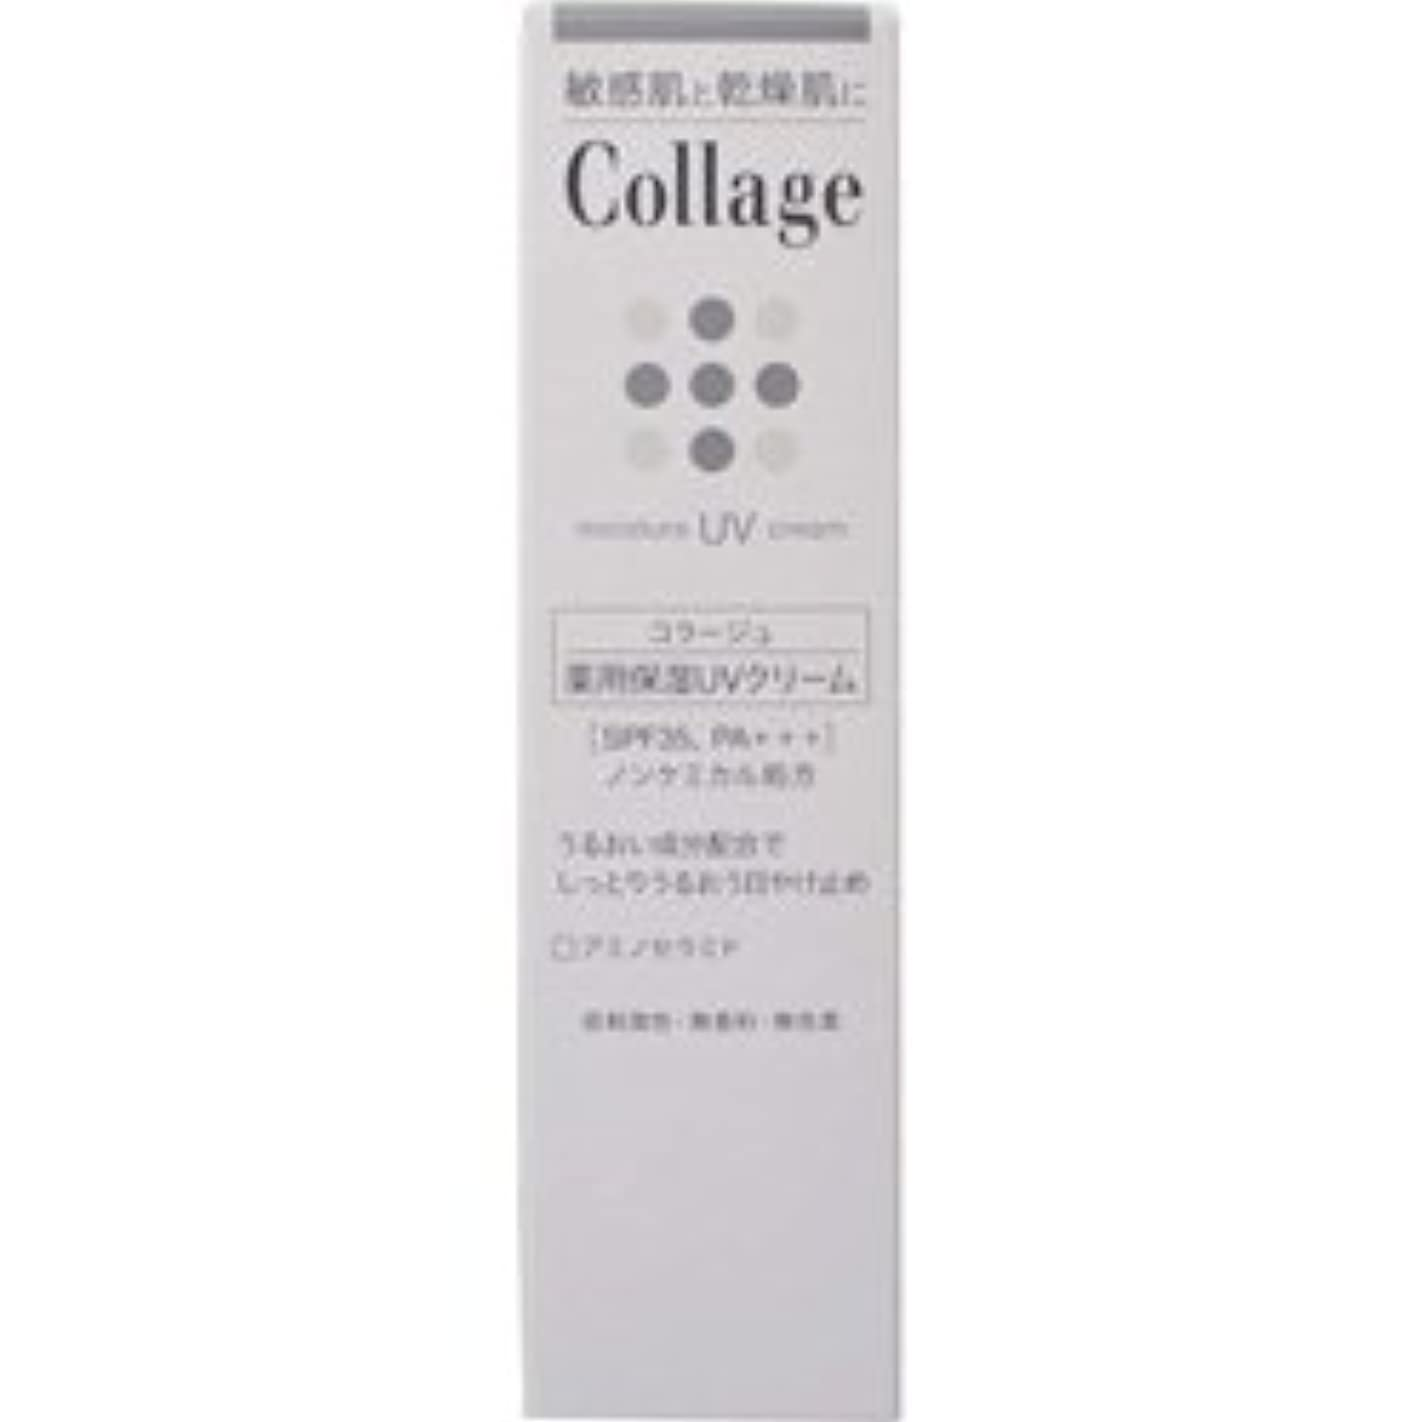 団結痛い放棄【持田ヘルスケア】 コラージュ薬用保湿UVクリーム 30g (医薬部外品) ×3個セット